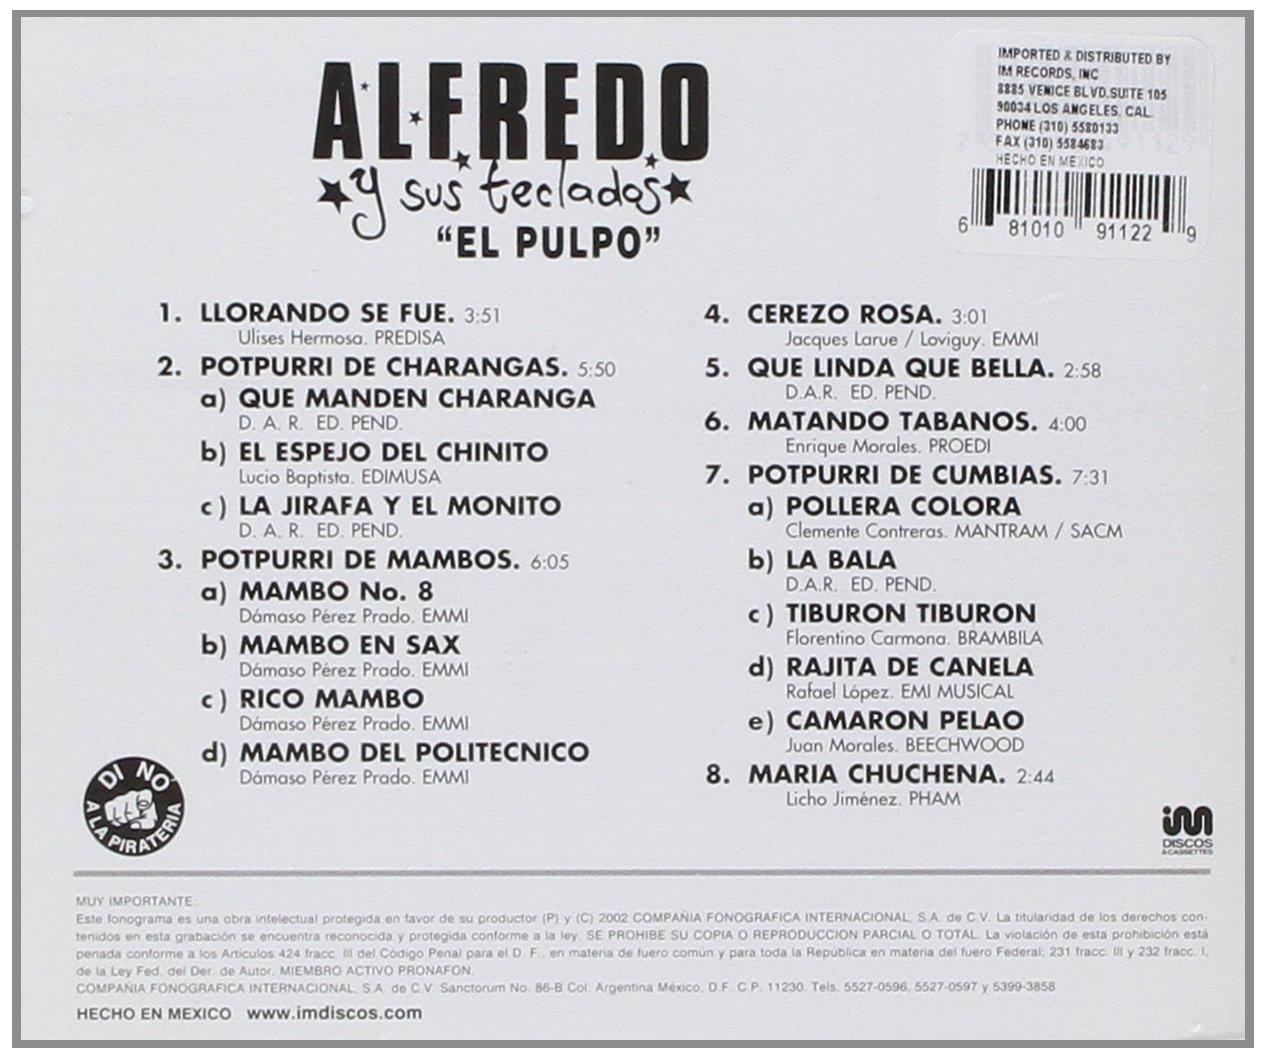 Llorando Se Fue: Alfredo El Pulpo: Amazon.es: Música